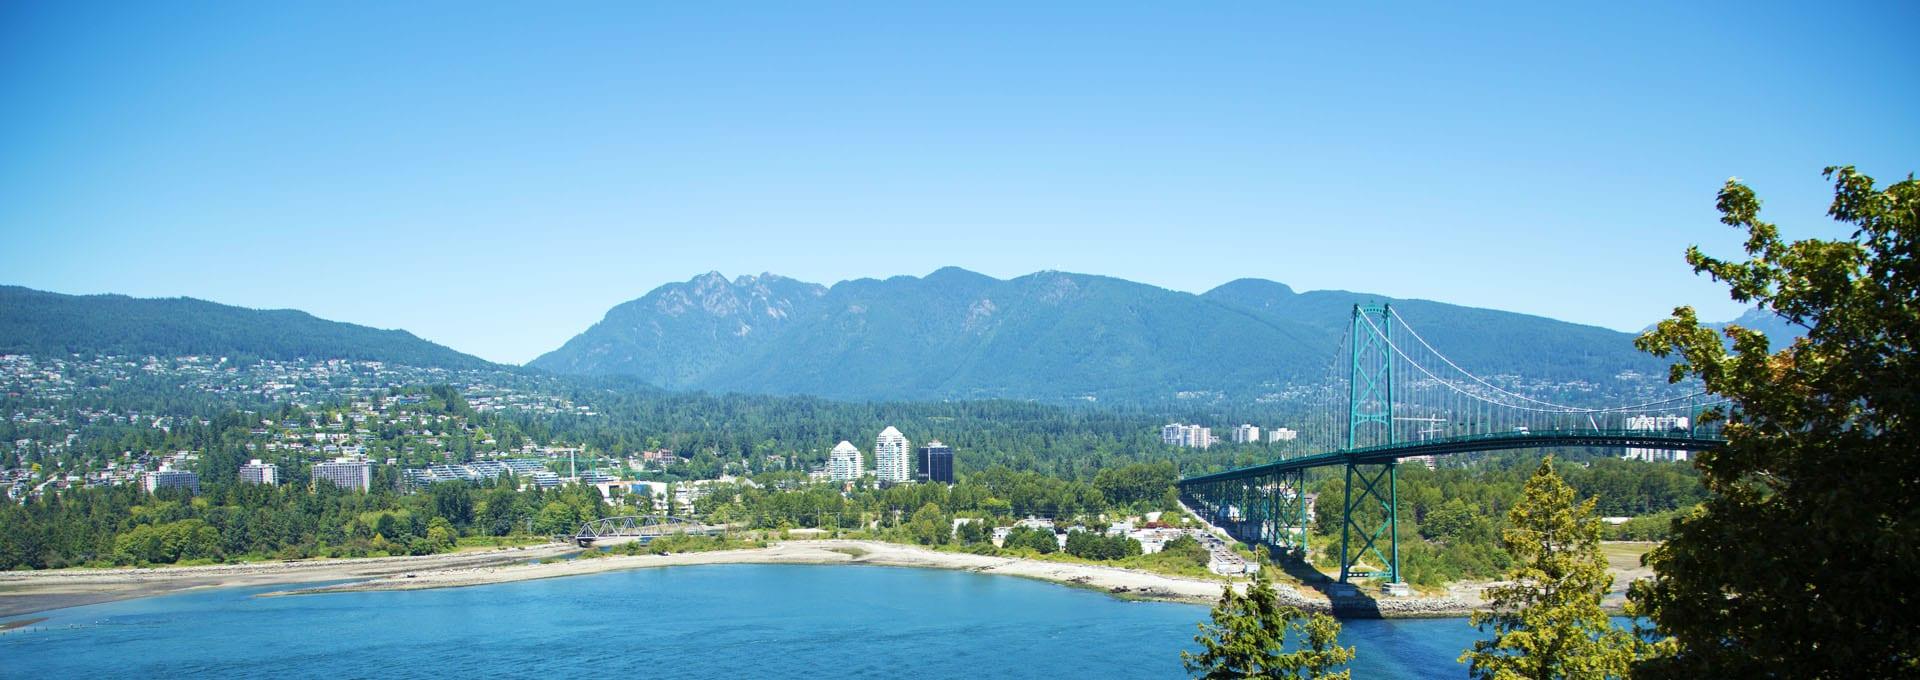 Horizon of Beautiful British Columbia